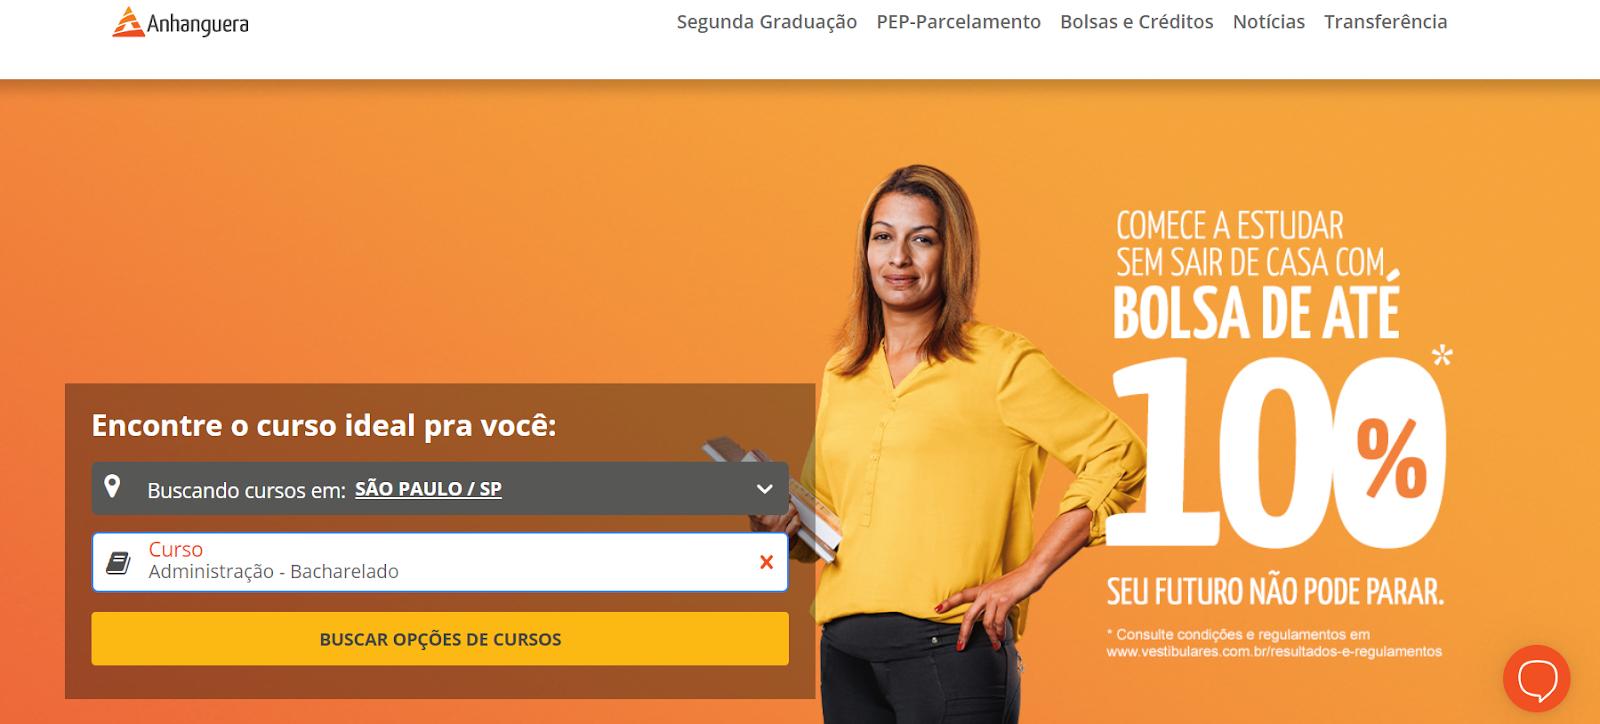 site vestibulares conferir valor curso de administração anhanguera são paulo presencial